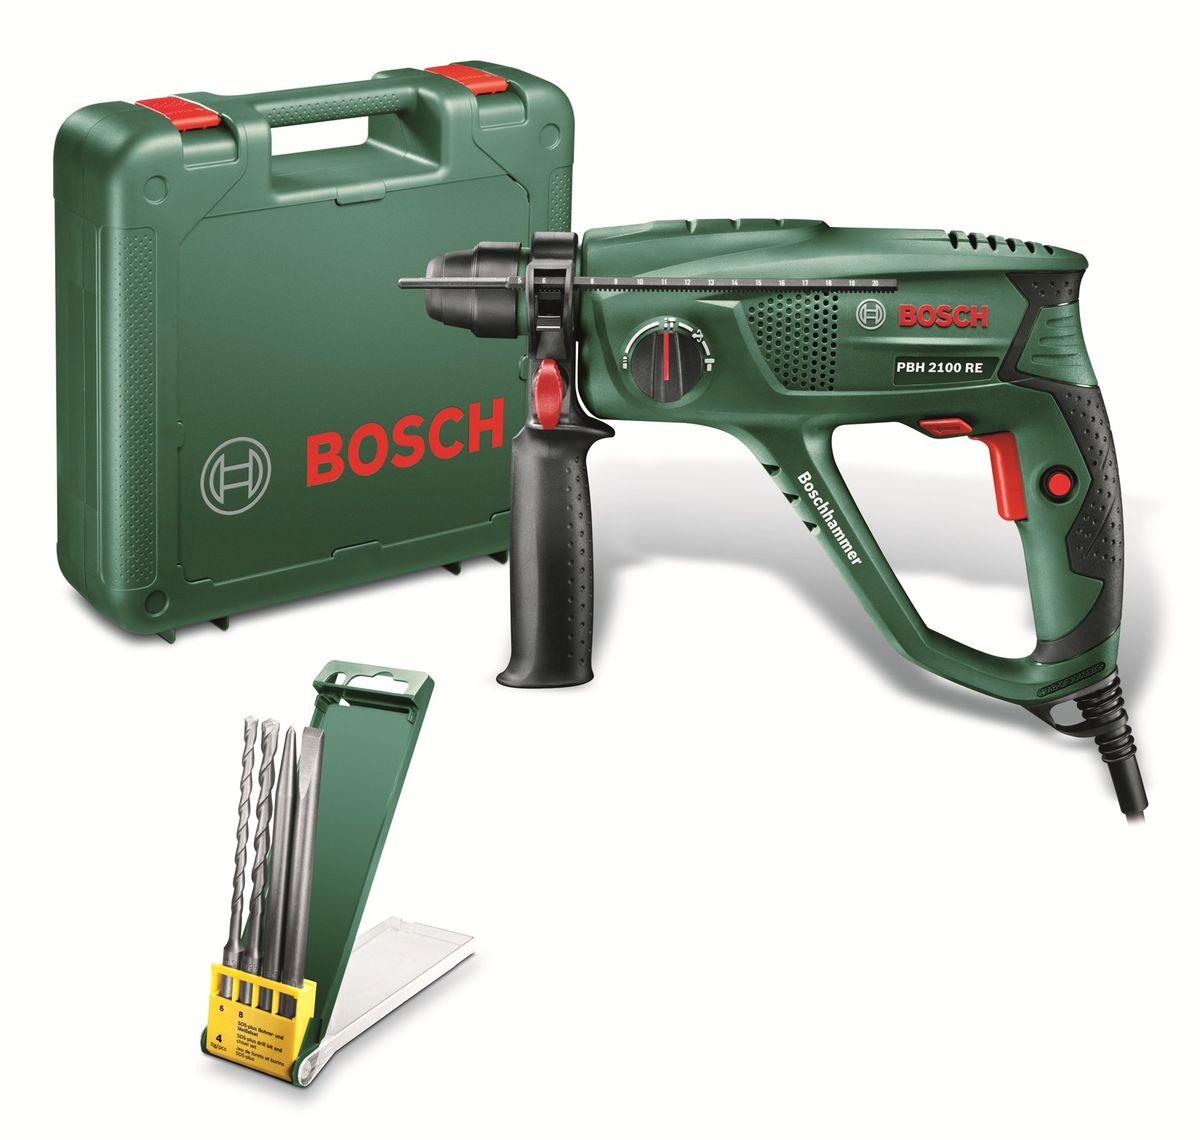 bosch rotary hammer. bosch - diy pbh 2100 re rotary hammer